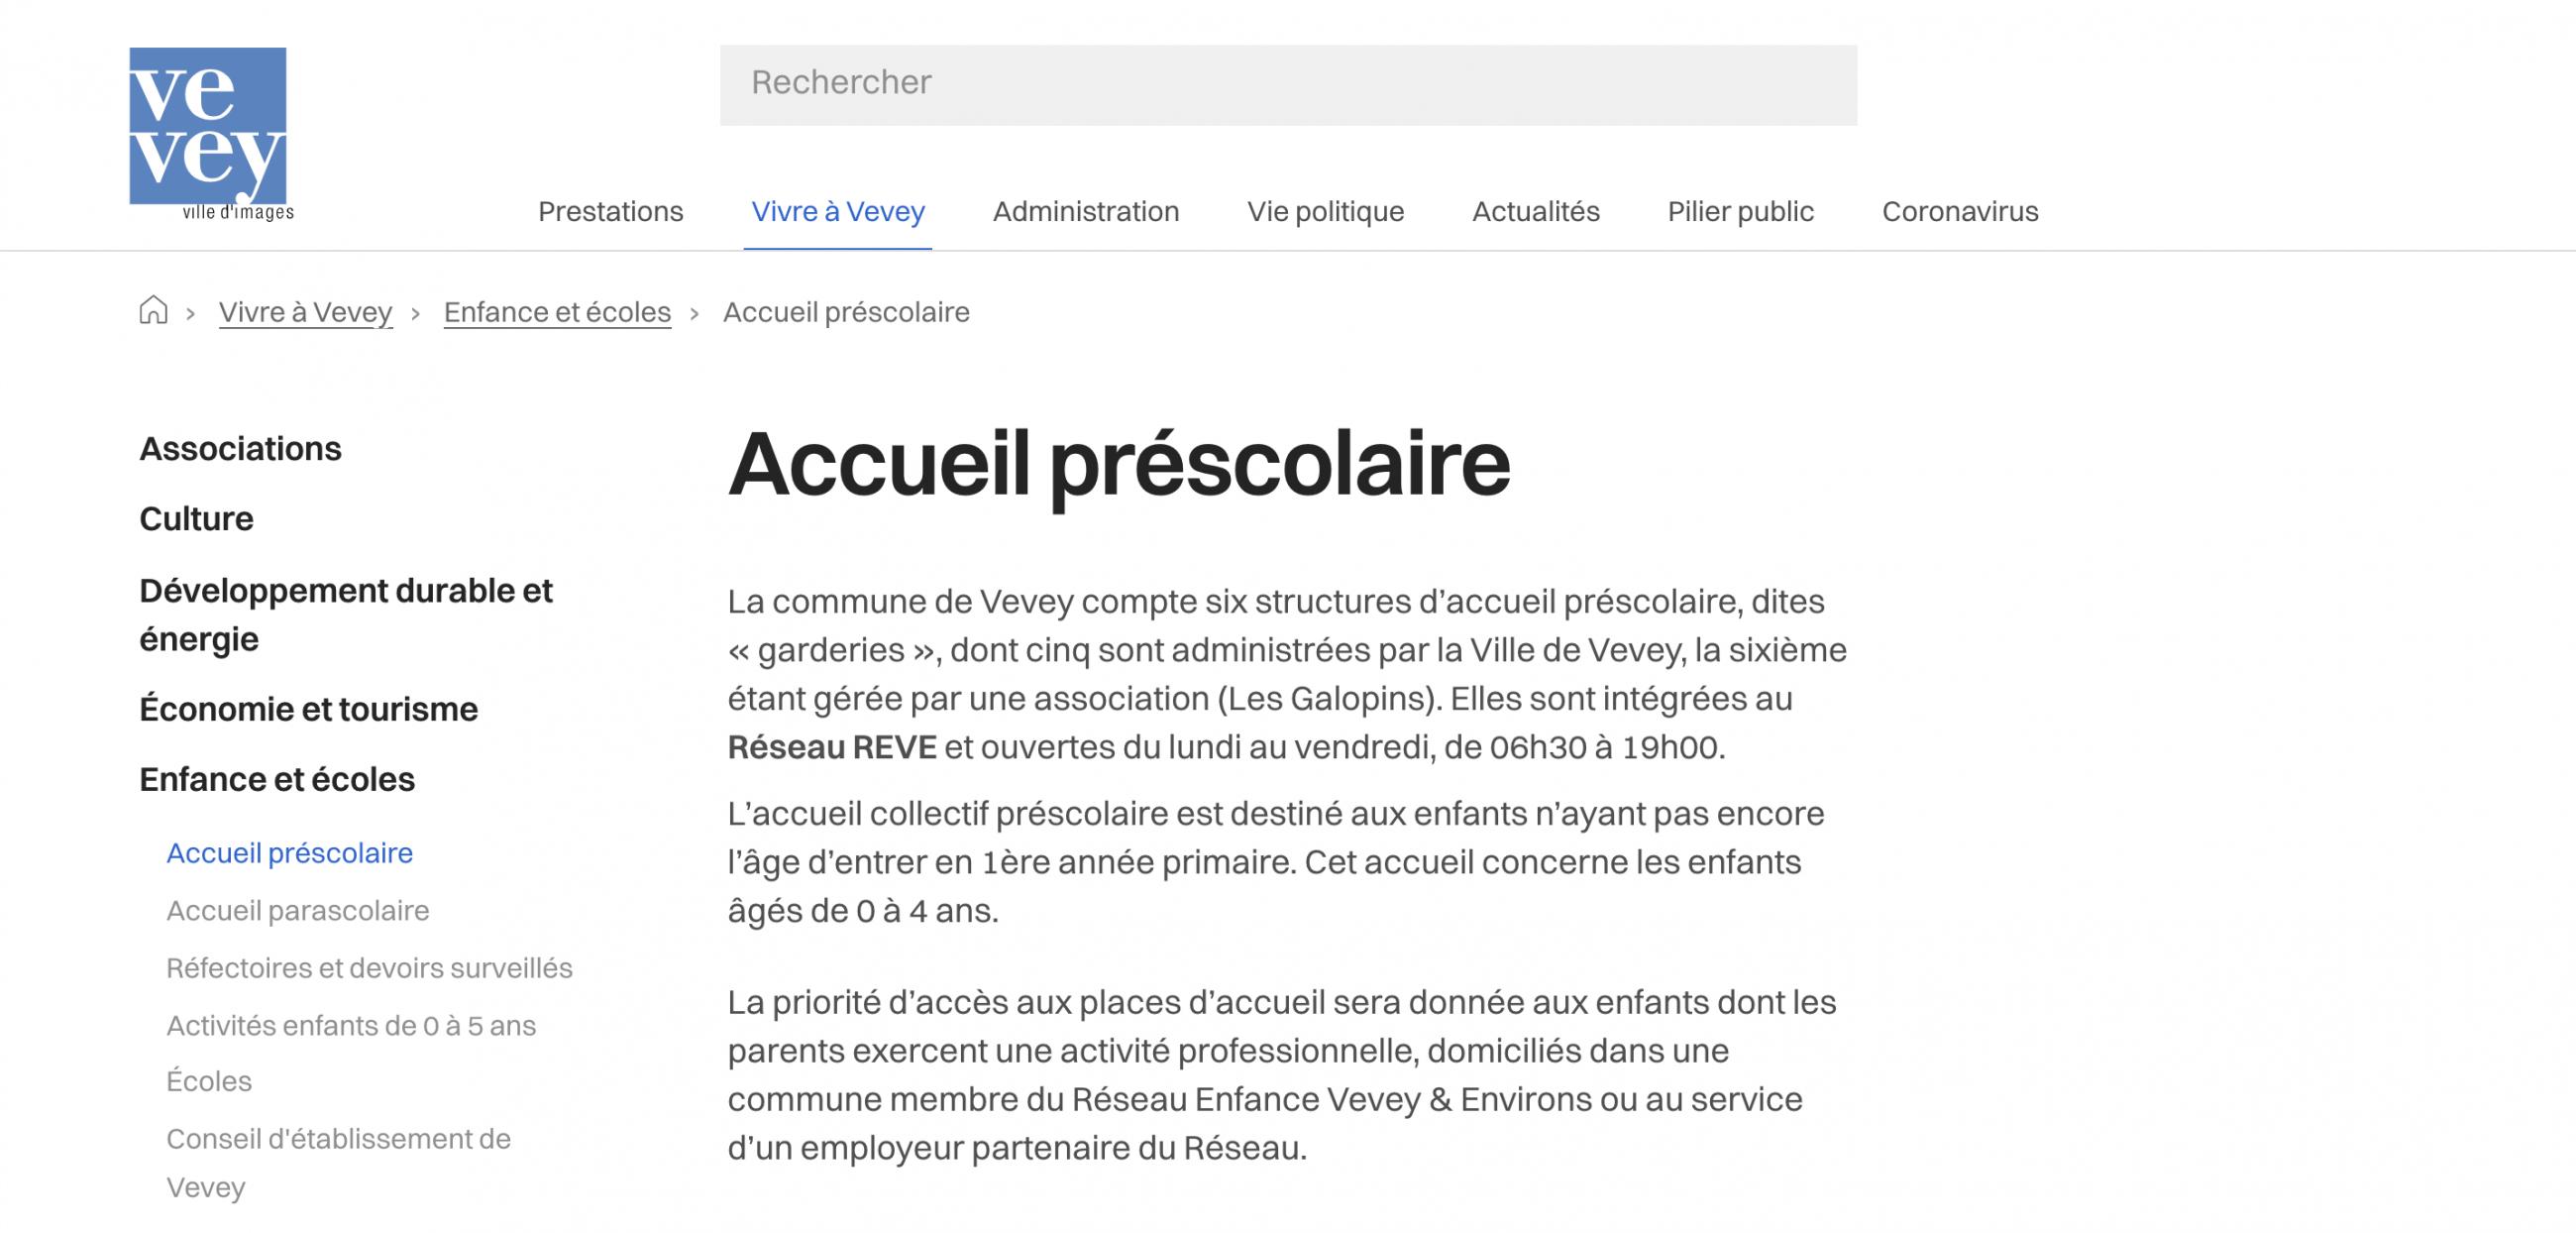 Fil d'Ariane sur le site web de la ville de Vevey